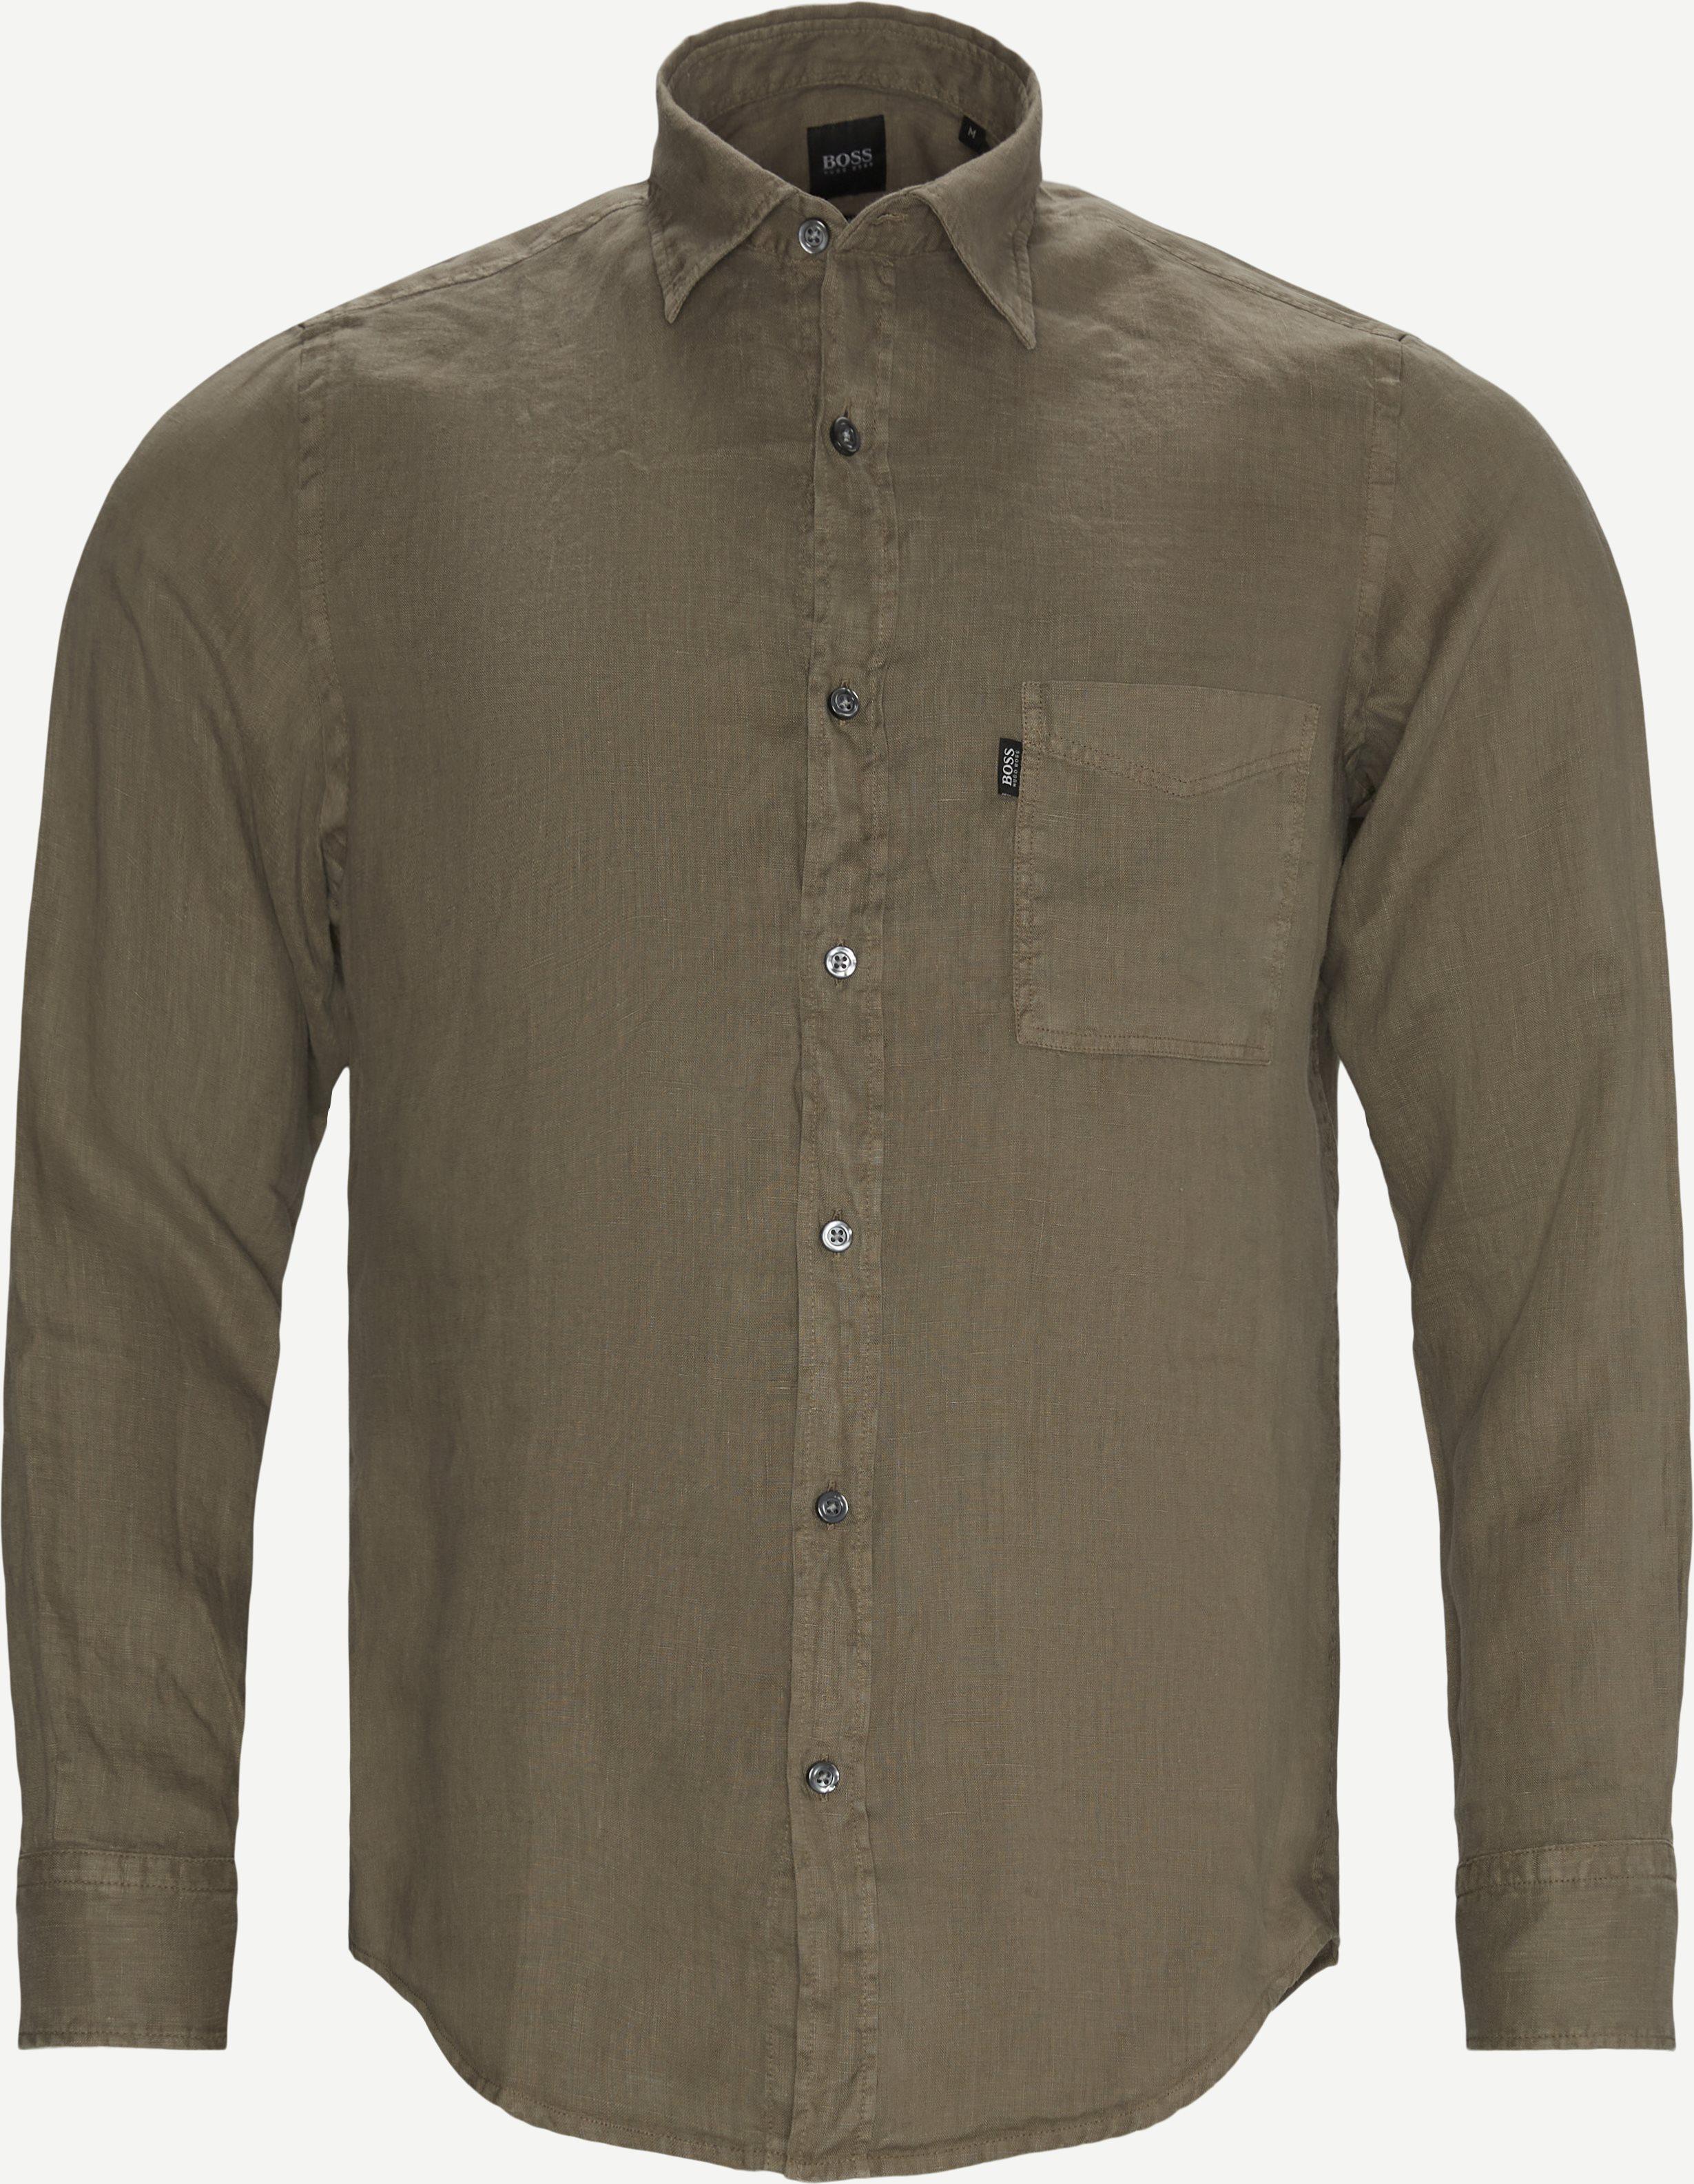 Relegant_2 Shirt - Skjortor - Regular - Sand